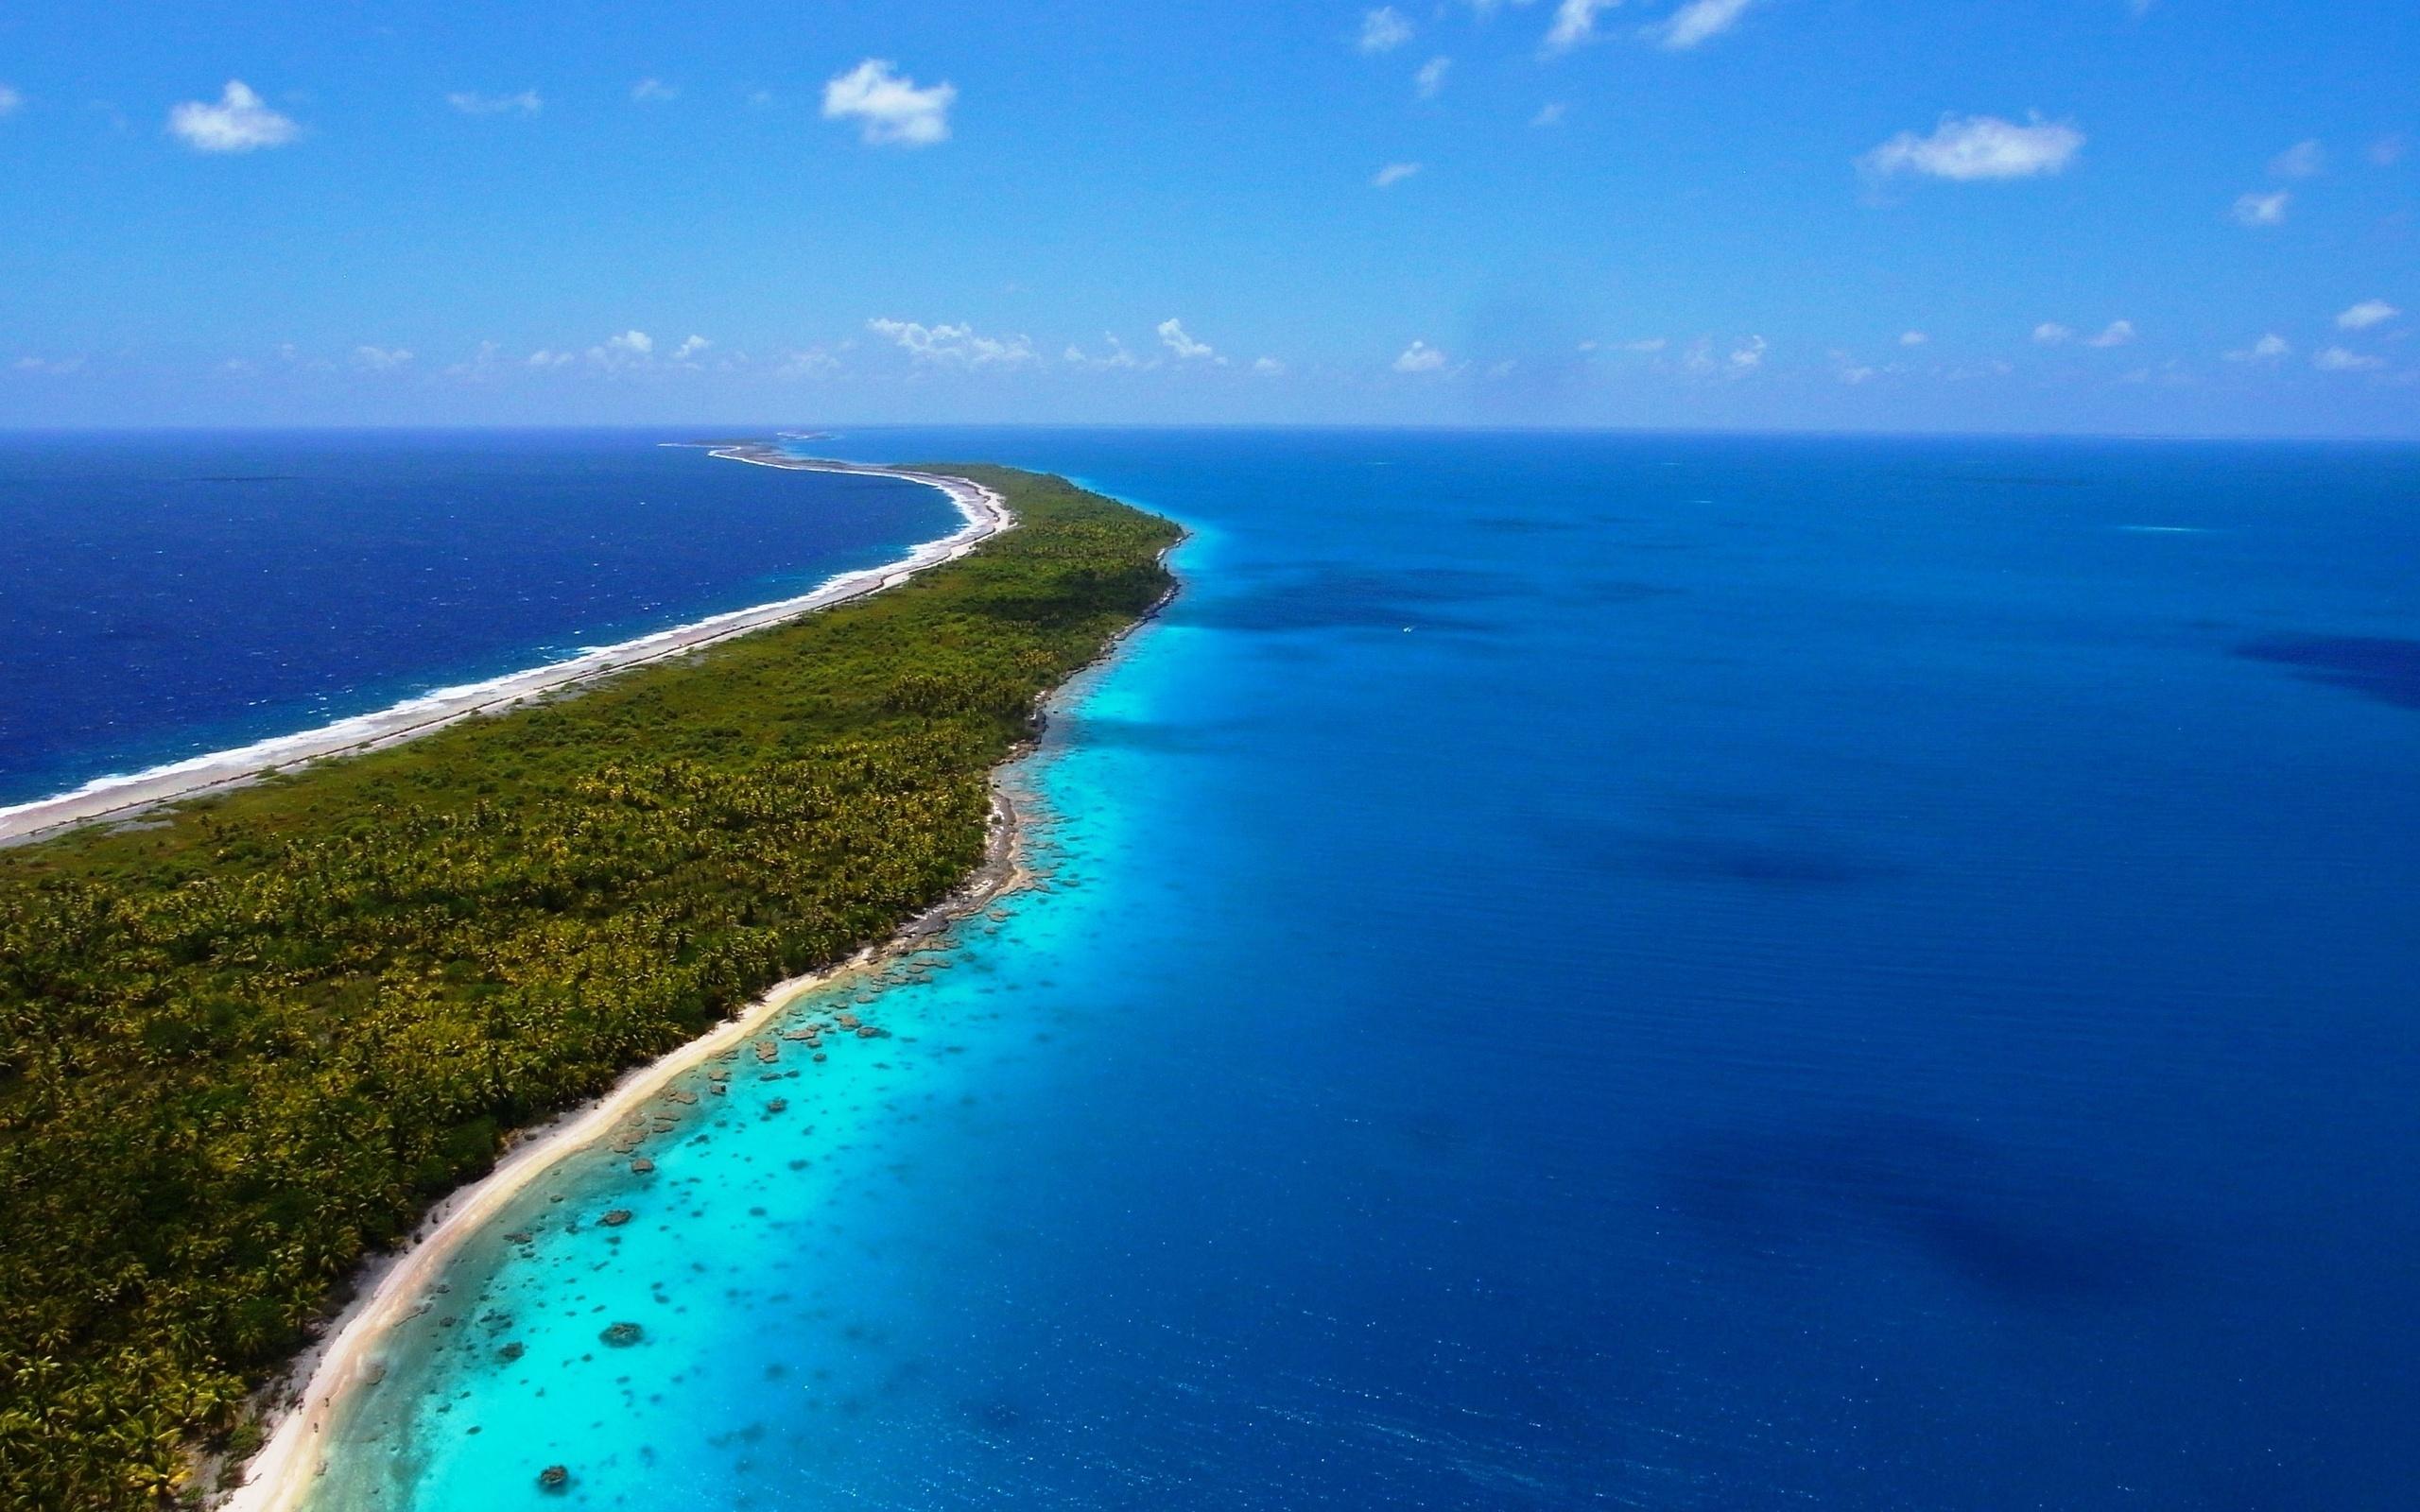 Sfondi Sbarcare Isola Mare Azzurro Palme Vegetazione